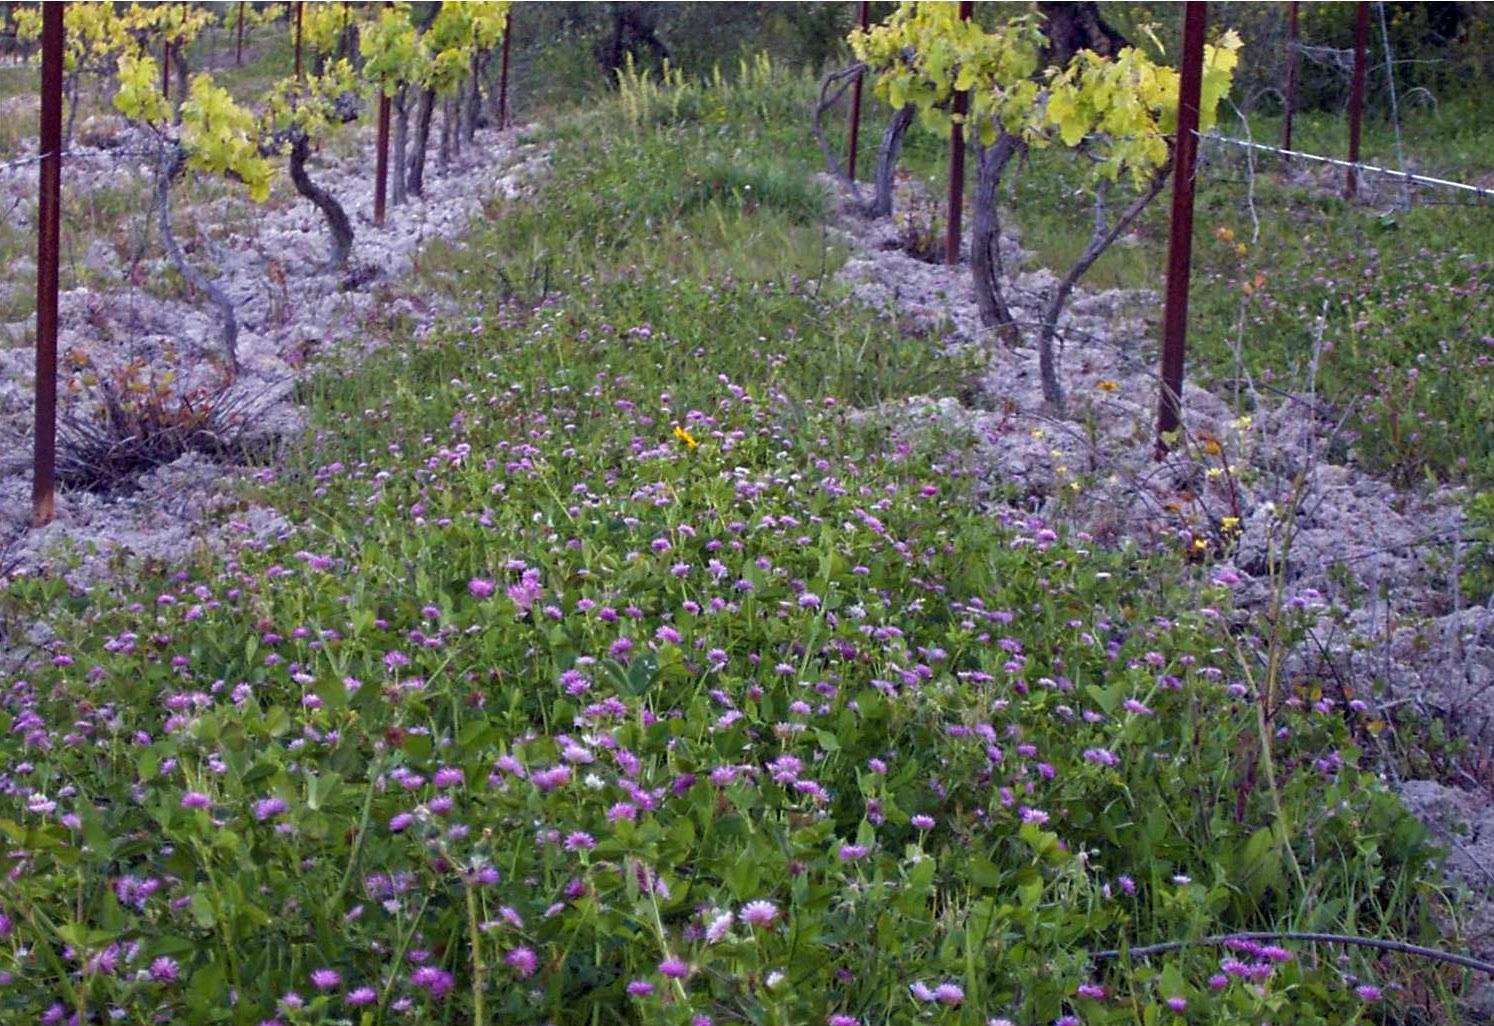 Bodegas+Robles+vineyard+groundcover.jpg